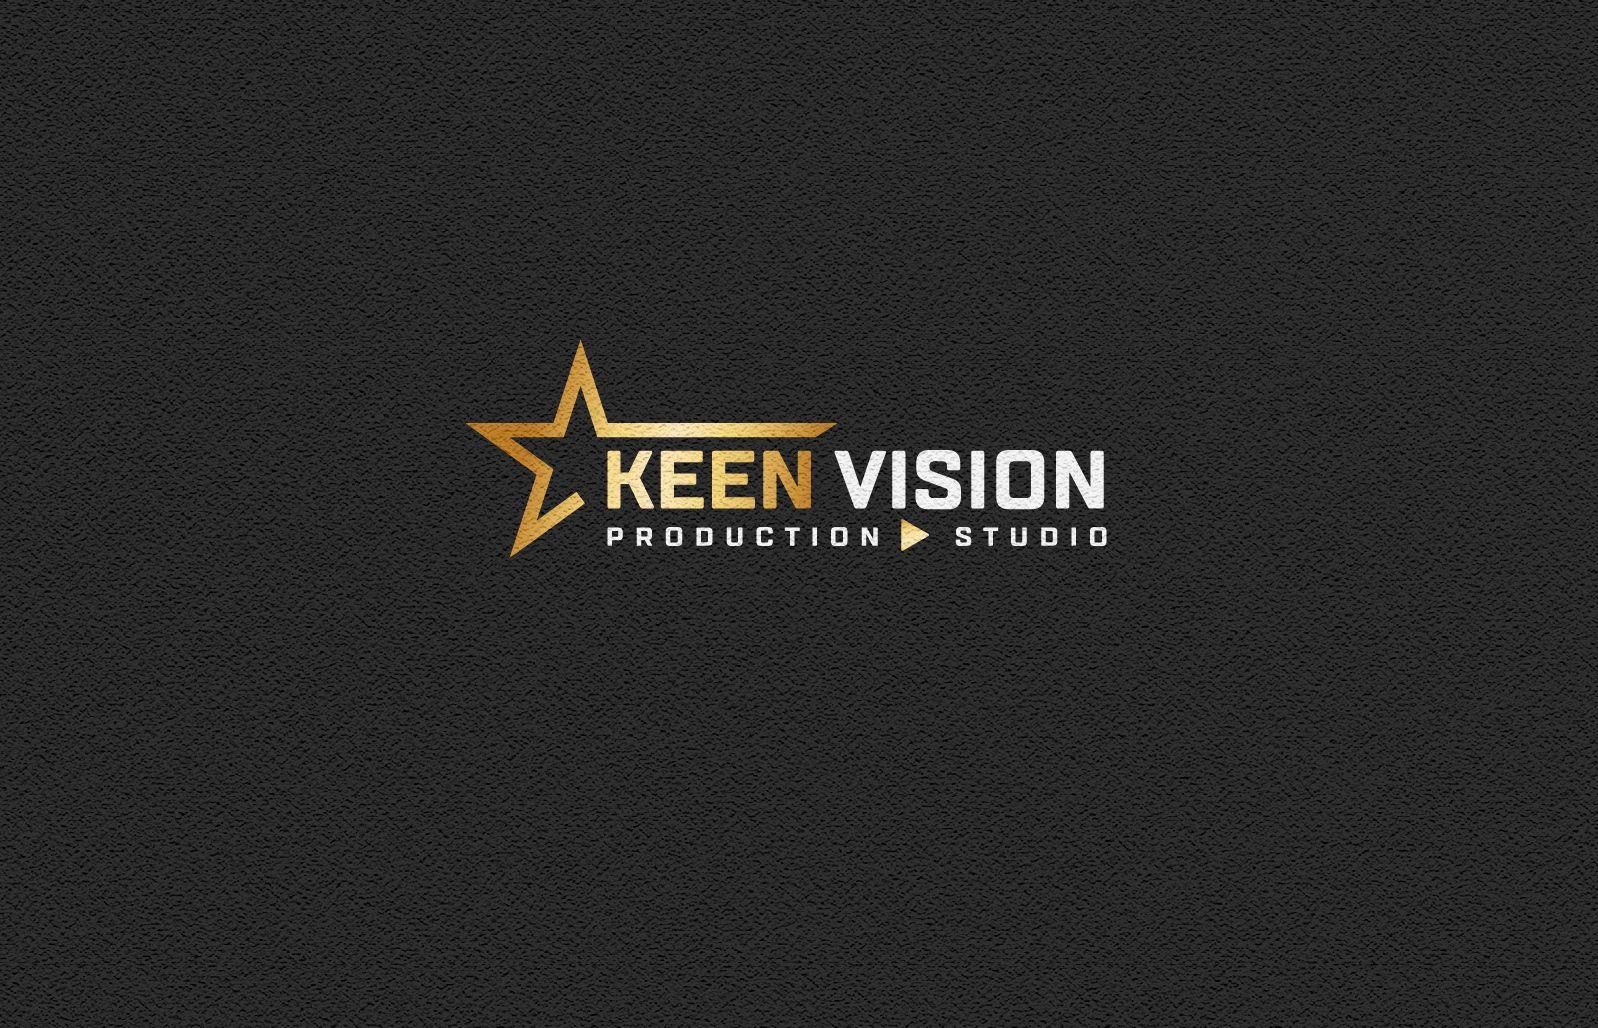 Логотип для KeenVision - дизайнер andblin61